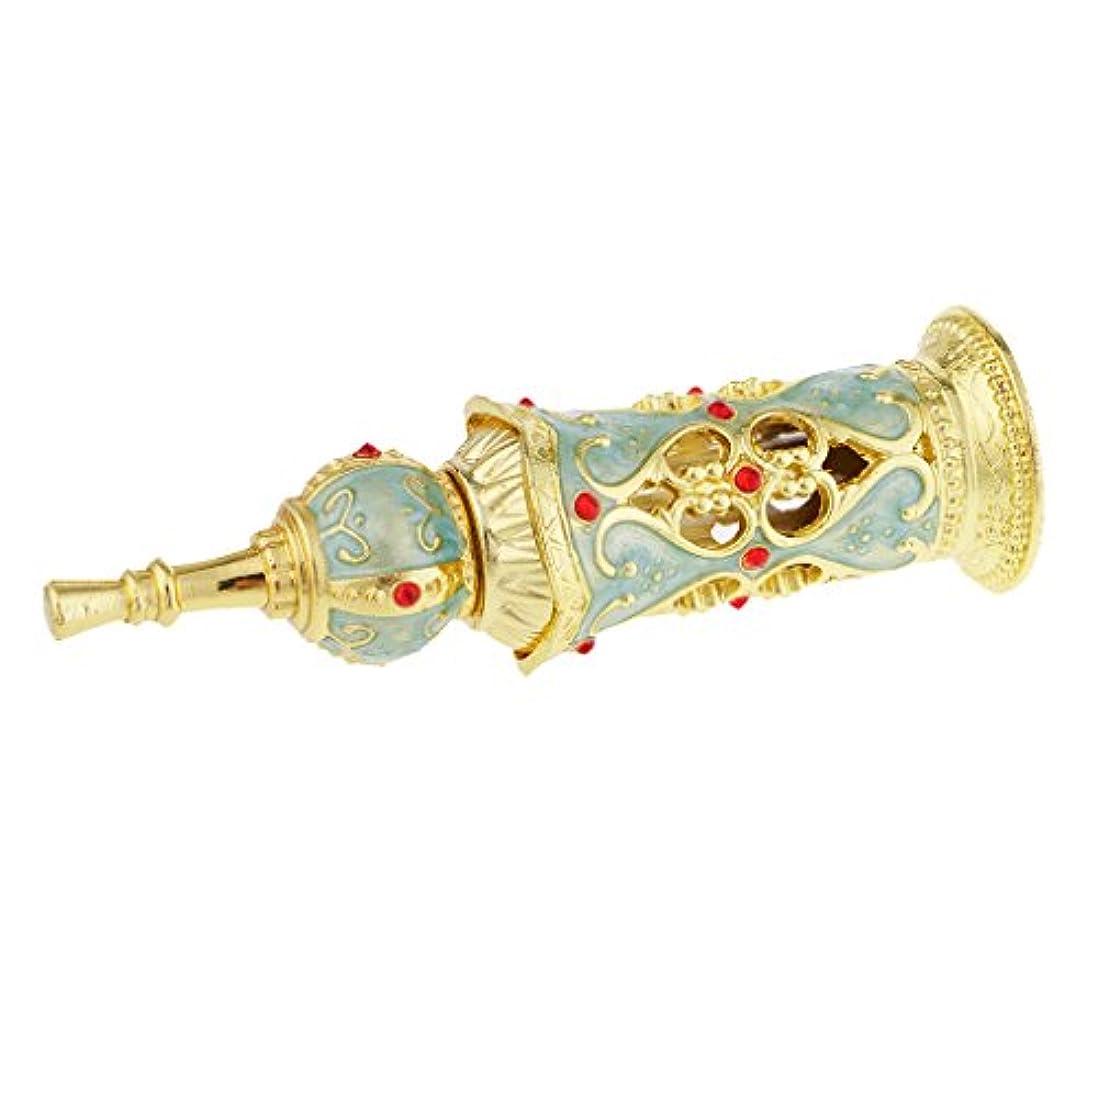 被るビリーヤギ瞑想的Dolity ヴィンテージ 華やかなデザイン ガラス 香水瓶 空ボトル 詰め替え可能な 結婚式 インテリア 10ミリリットル 全2色 - #2